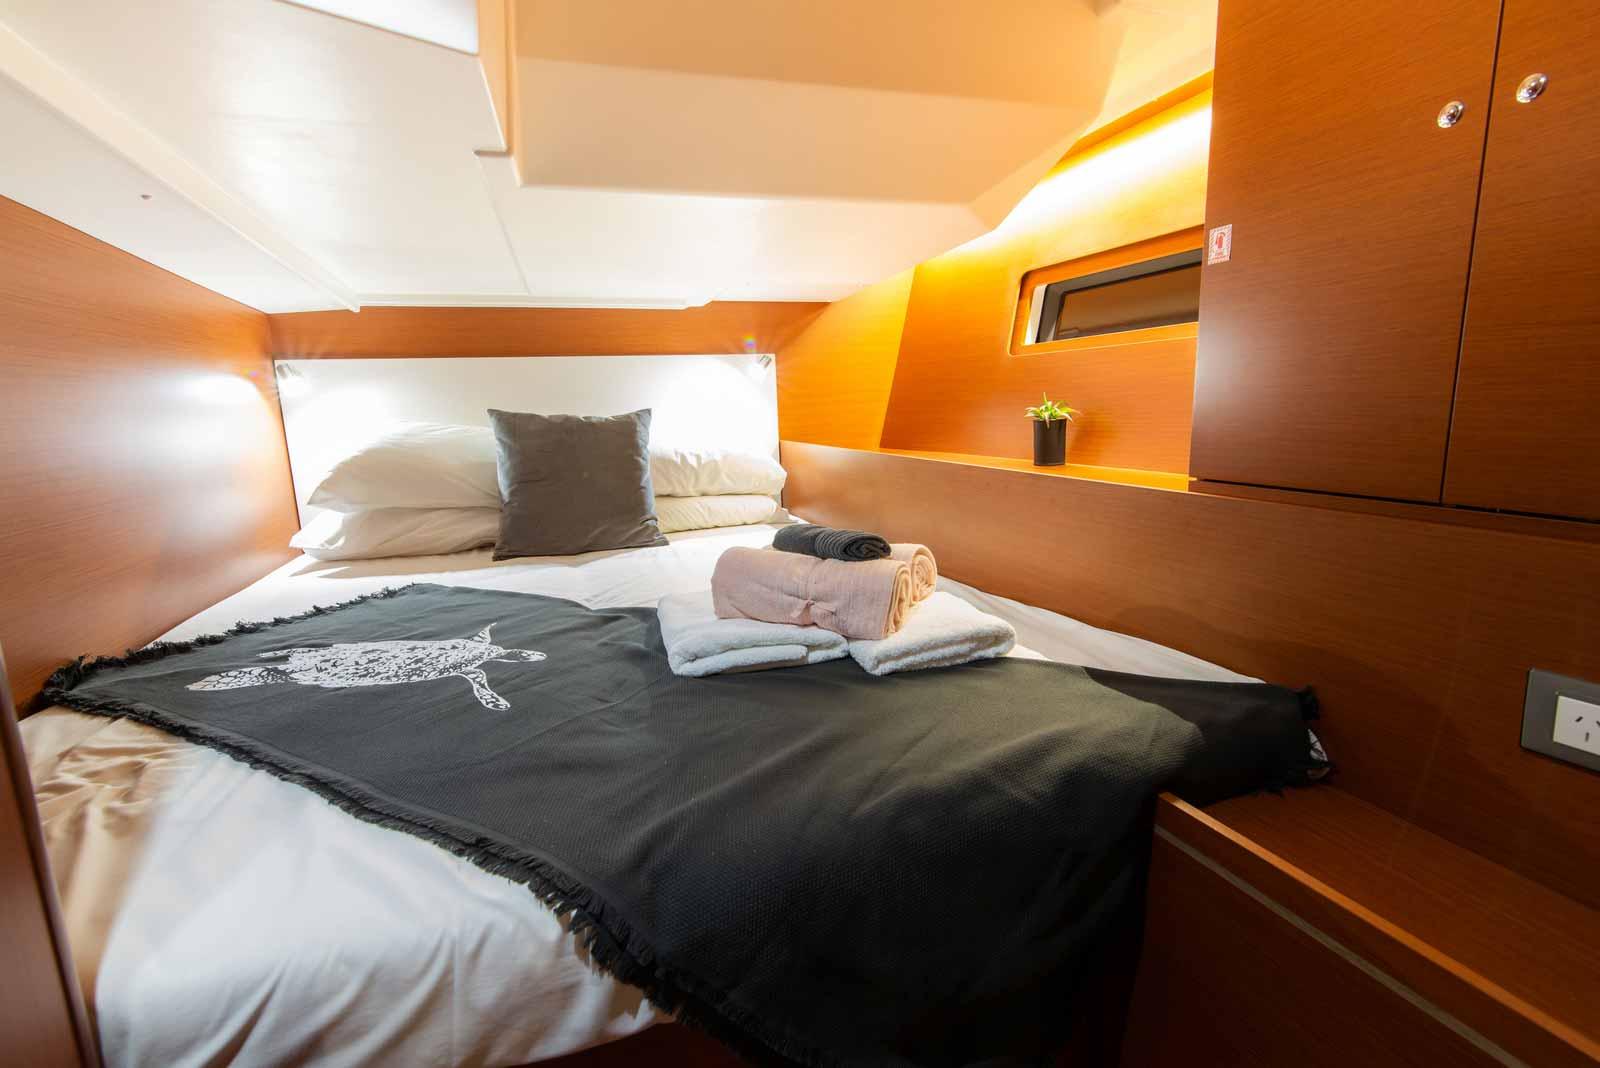 Beneteau-Oceanis-51.1-bed-two